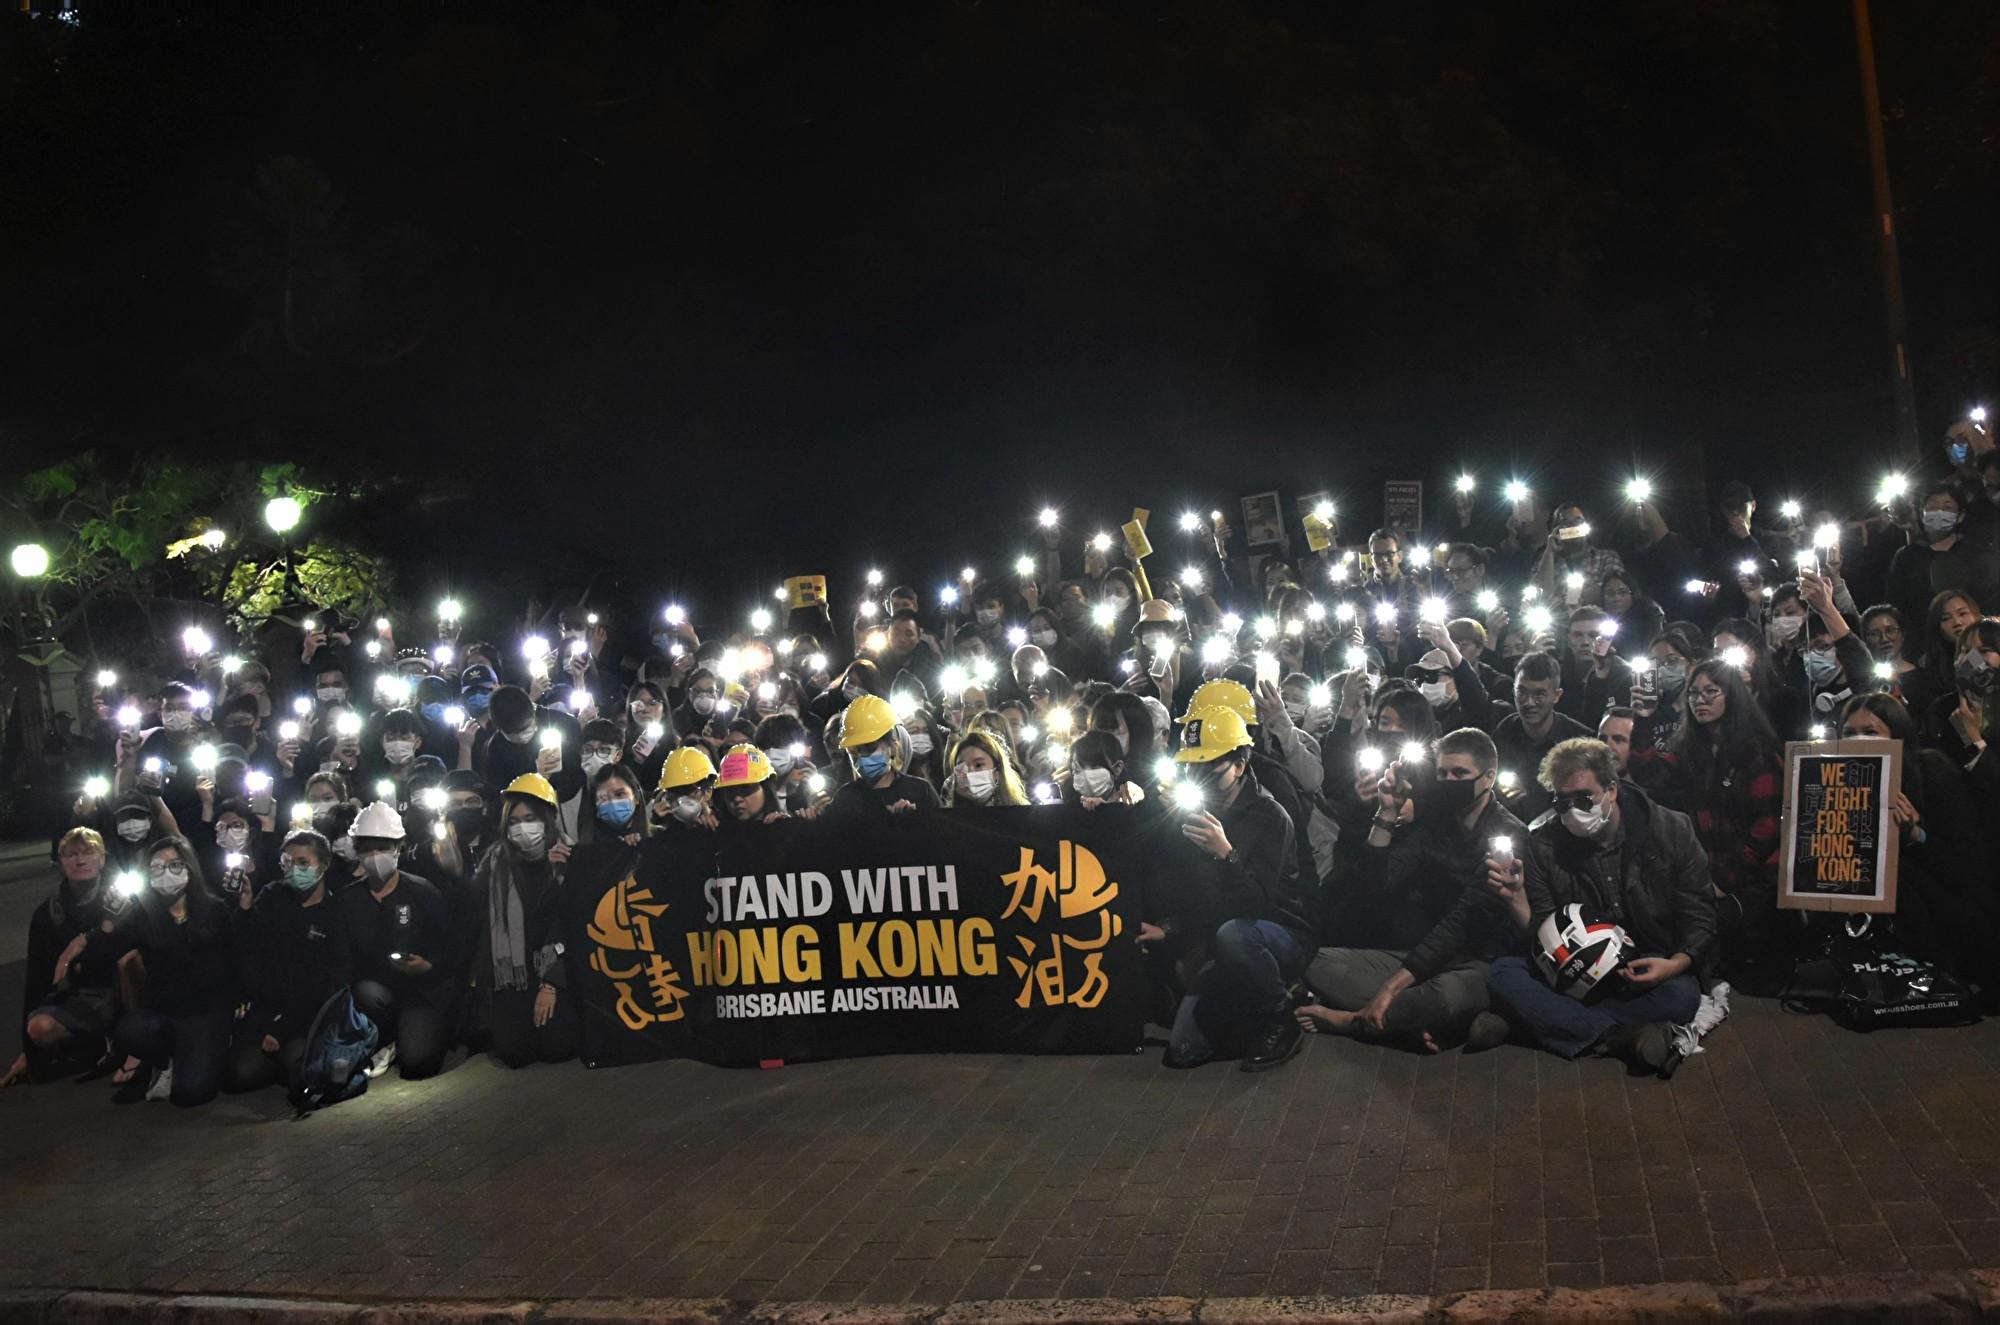 澳洲布里斯本連續三天活動 支持香港反送中